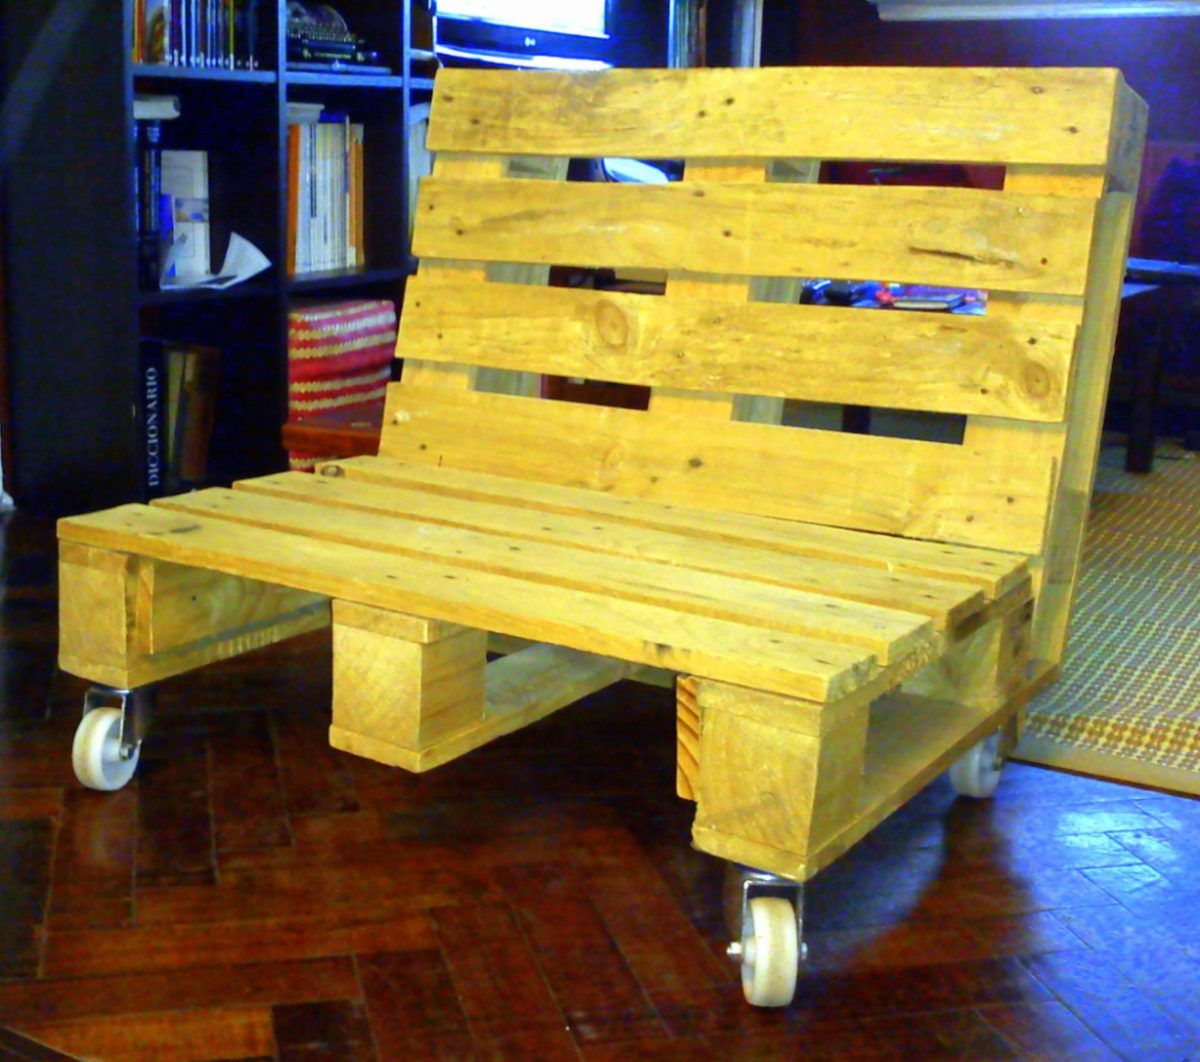 Reciclaje palets madera excellent barandilla de palet - Reciclaje de palet ...